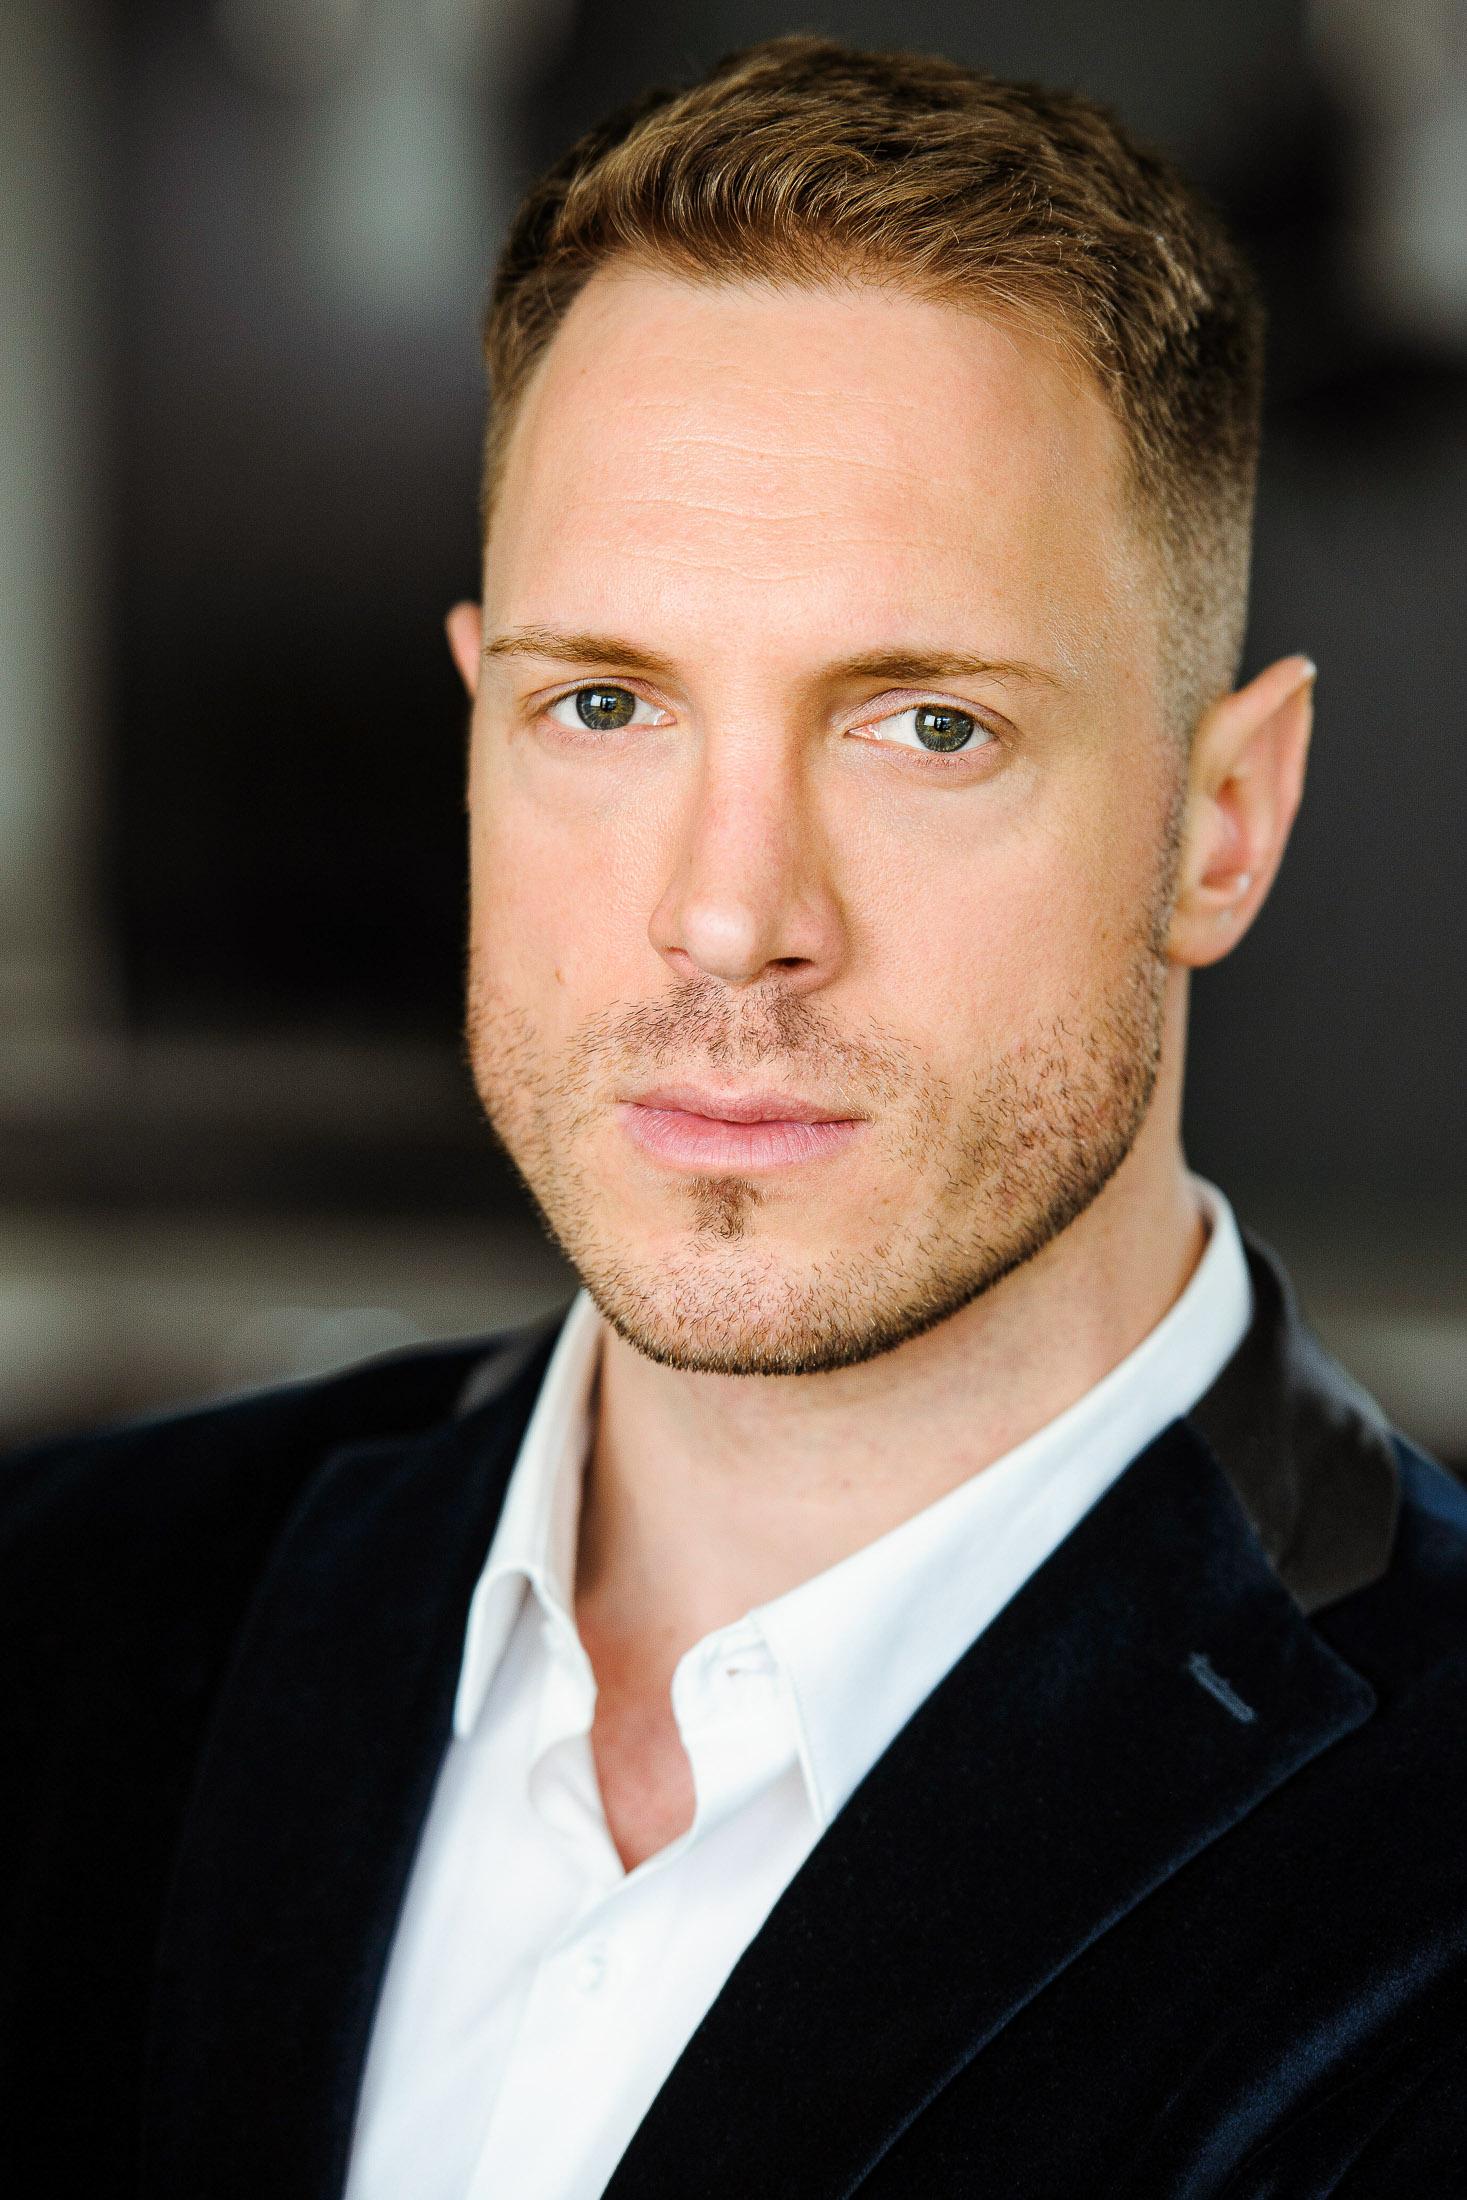 Headshots NYC - Actor Headshots Ivan K